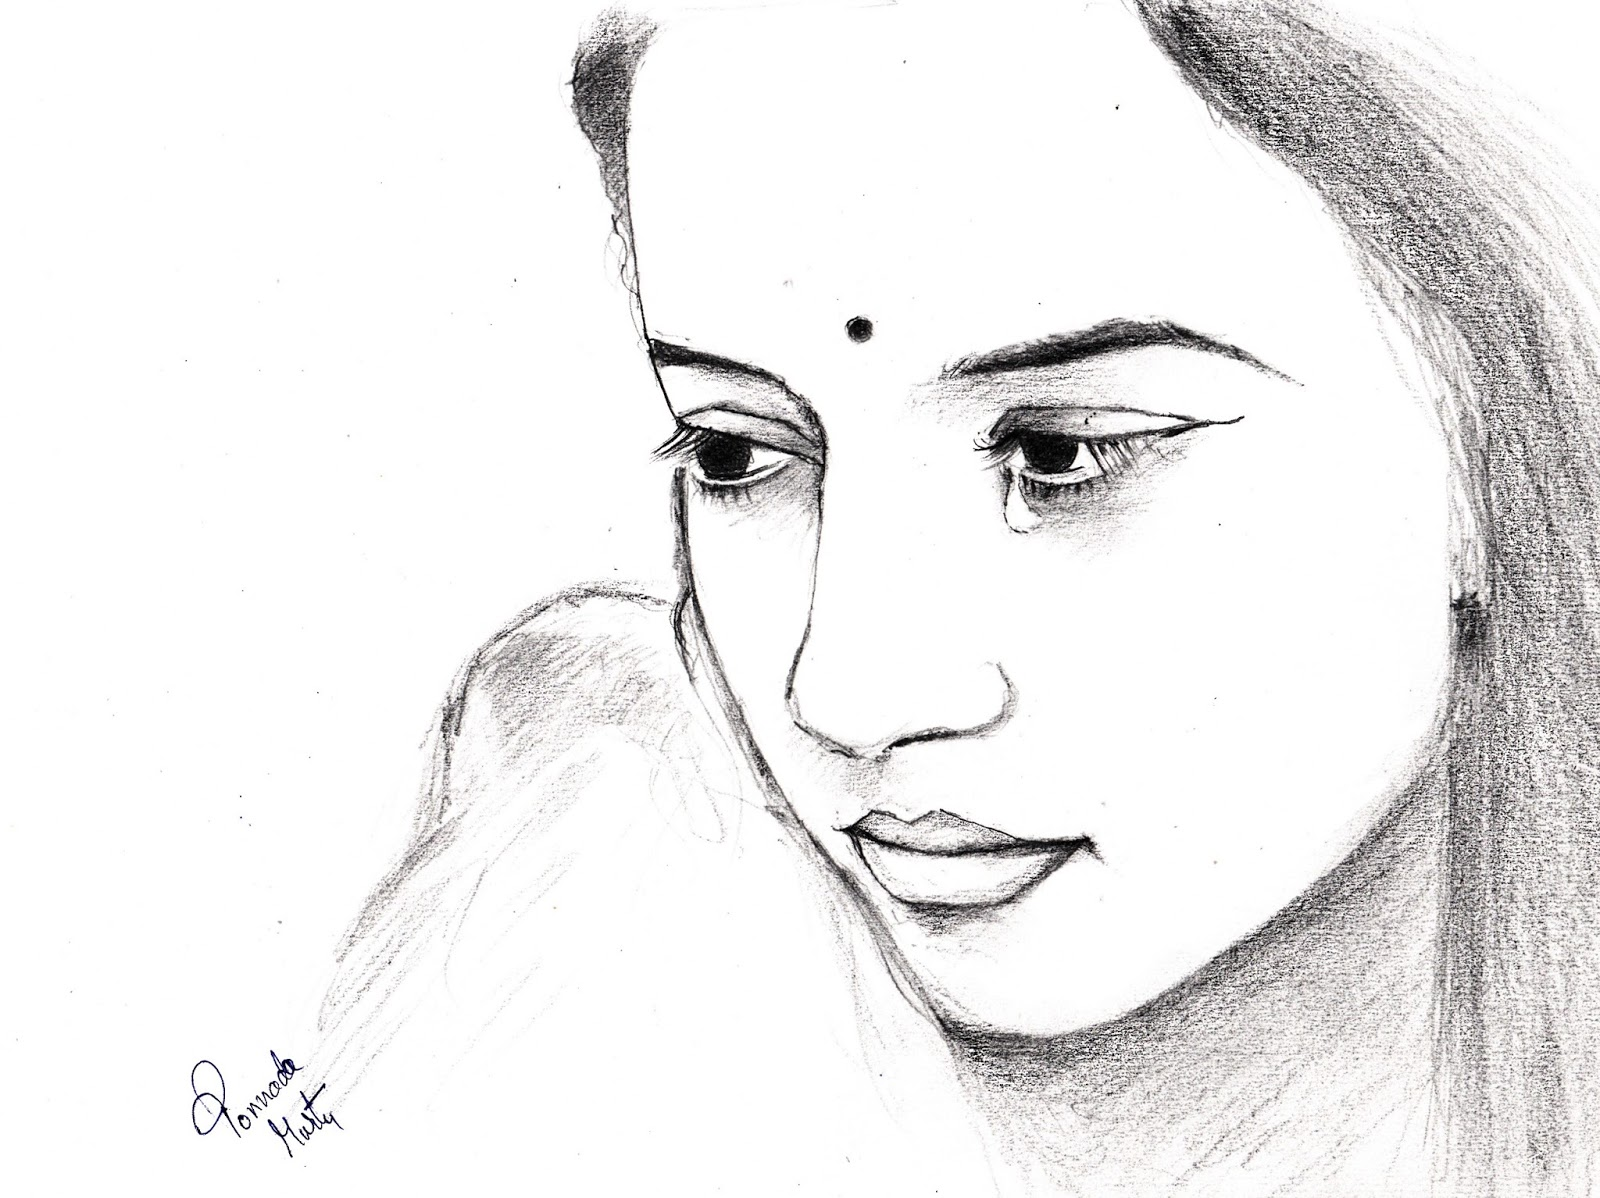 Tears pencil sketch